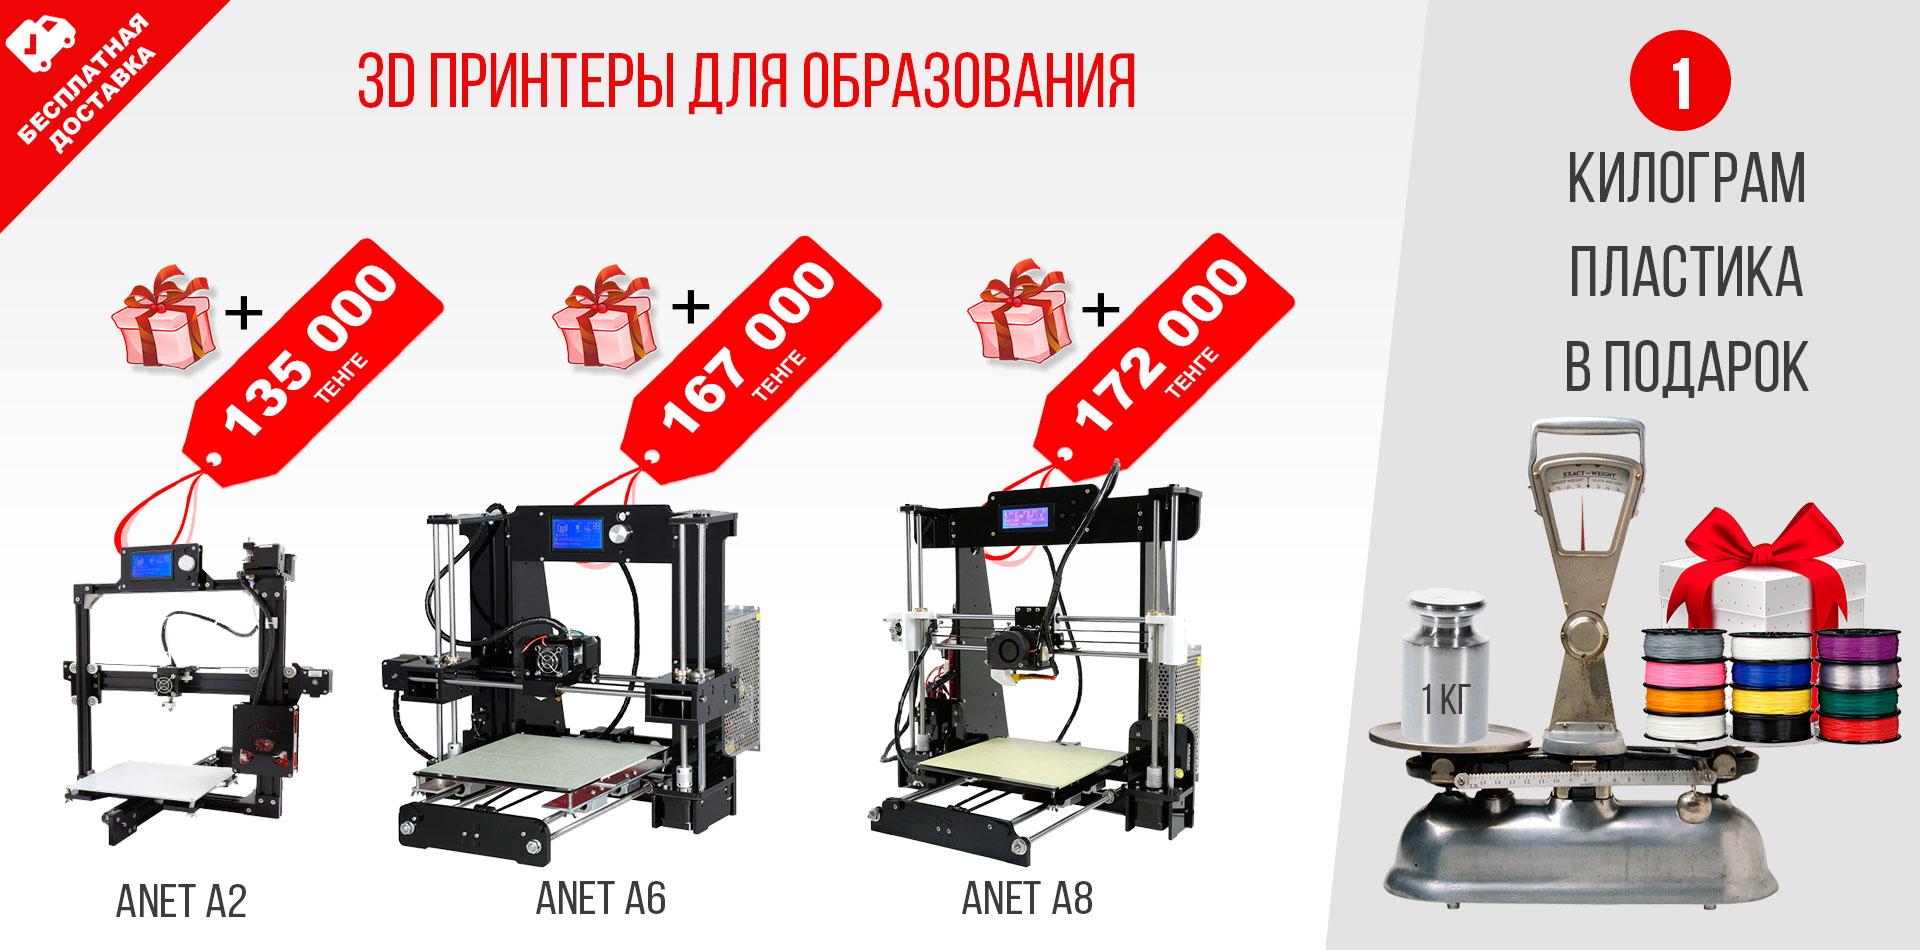 3D принтеры для образования